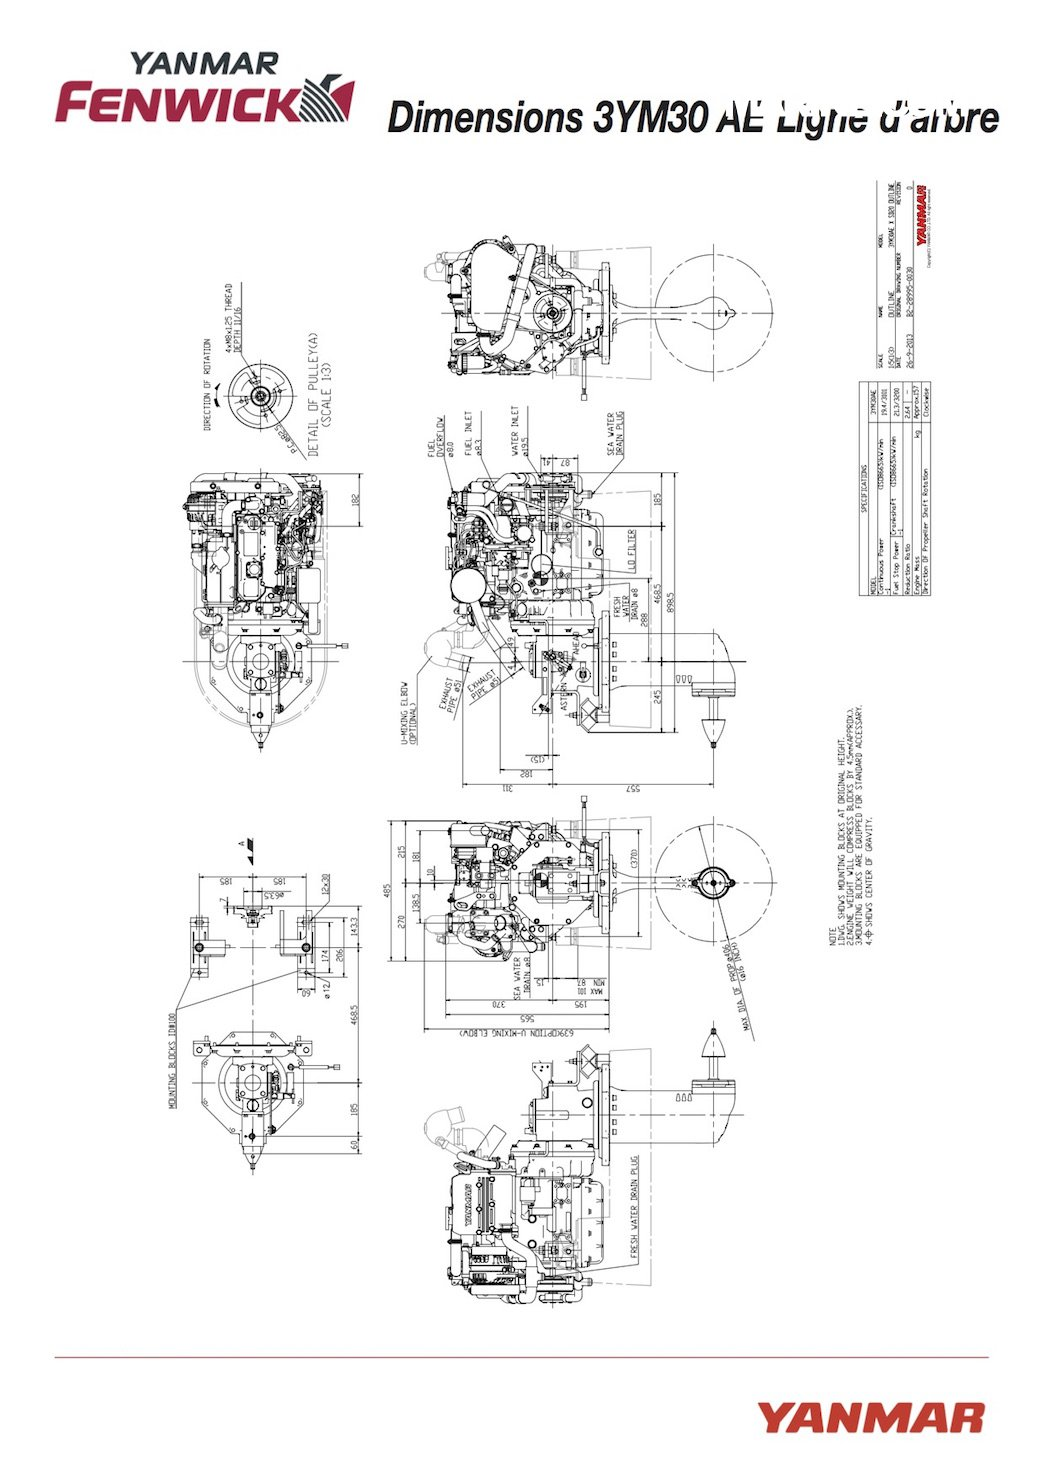 Yanmar 3YM30 ACE, Moteur Inboard neuf à la vente (Gironde